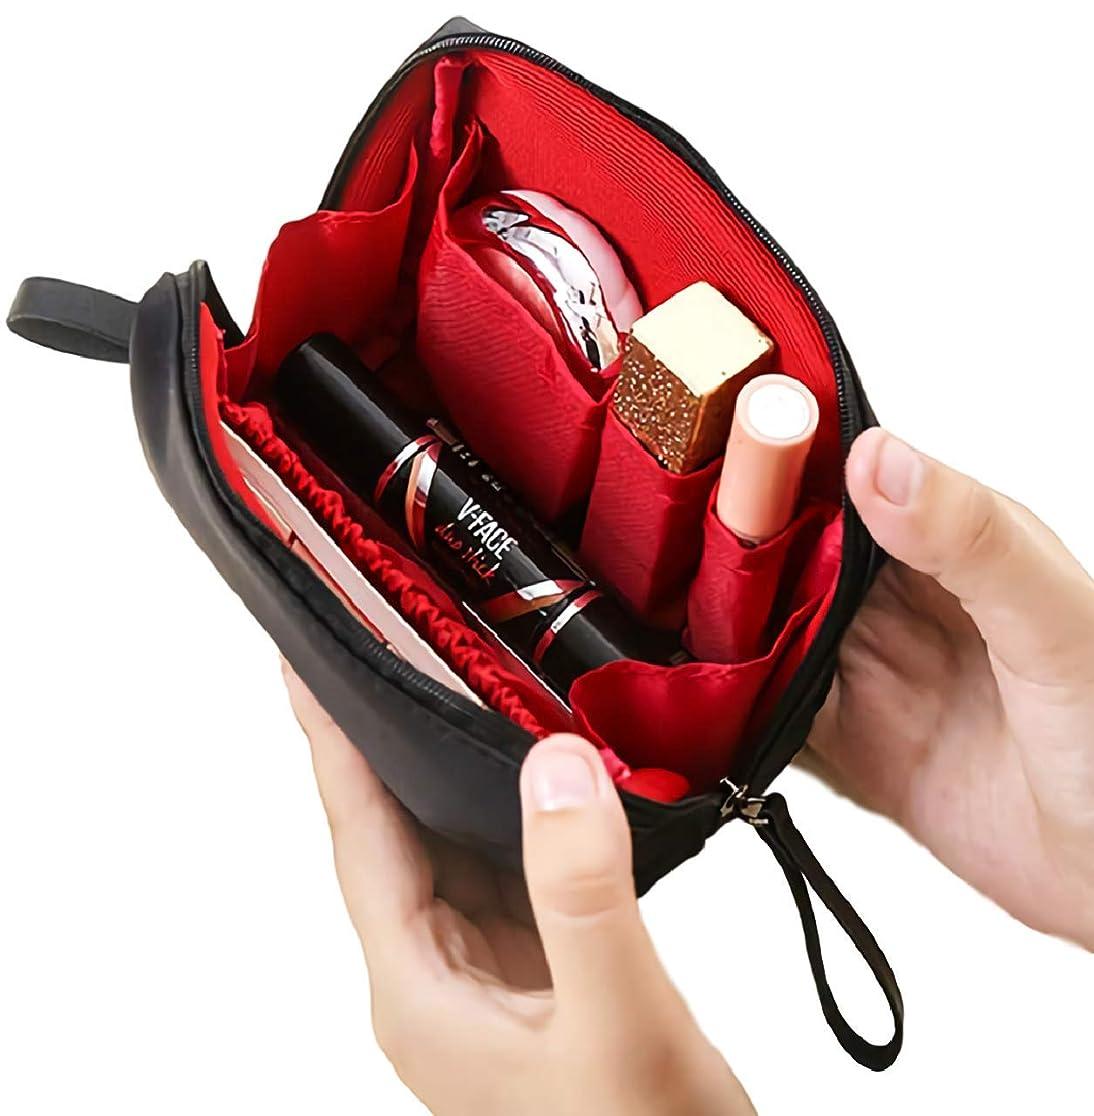 検査ミル誇張[ウレギッシュ] 化粧ポーチ コンパクト メイクポーチ 化粧品 化粧道具 収納 バッグ (ブラック in レッド)